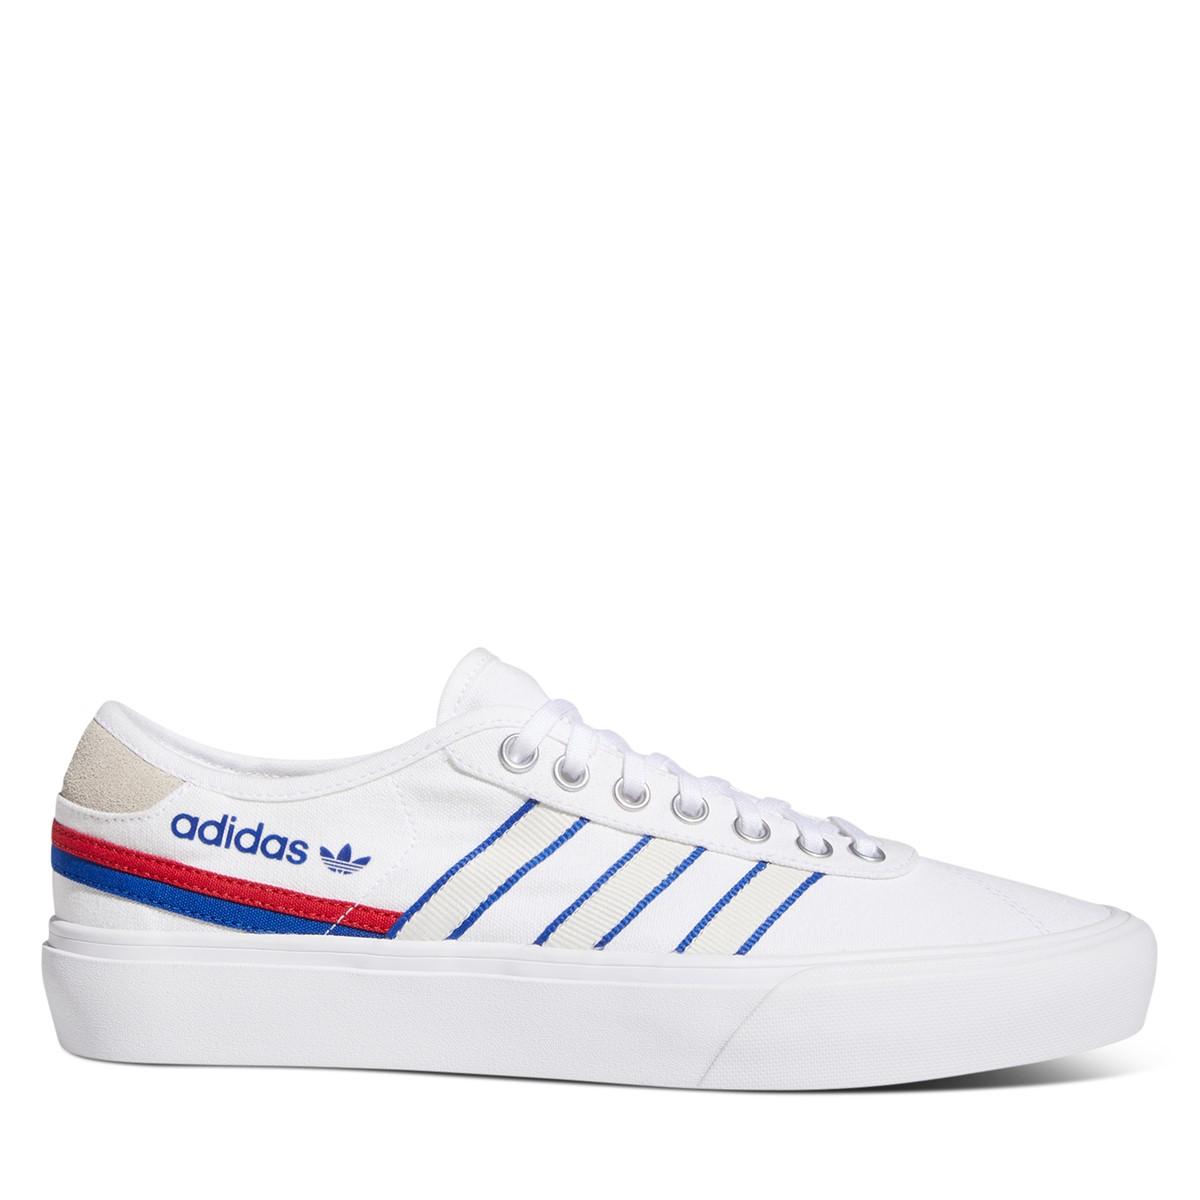 Men's Delpala Sneakers in White